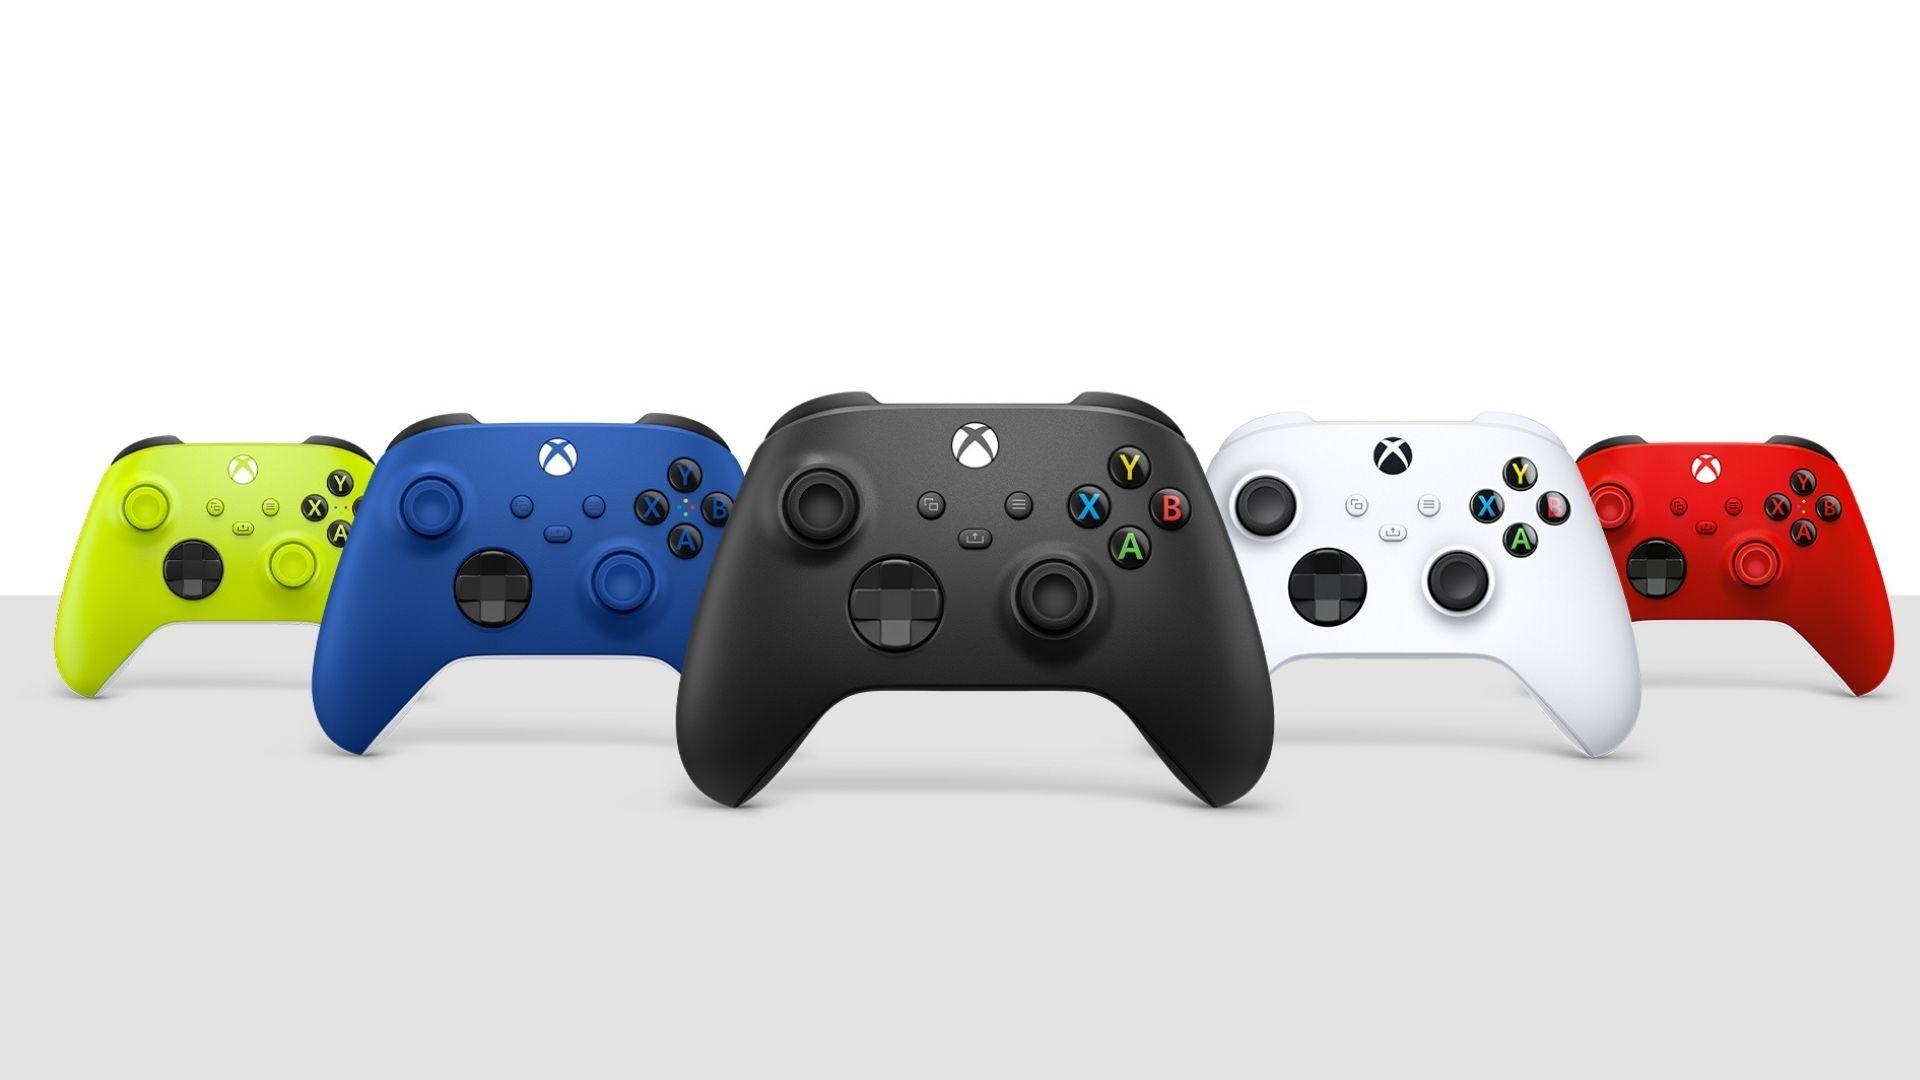 Opções de cores do controle xbox series x/s: verde, azul, preto, branco e vermelho